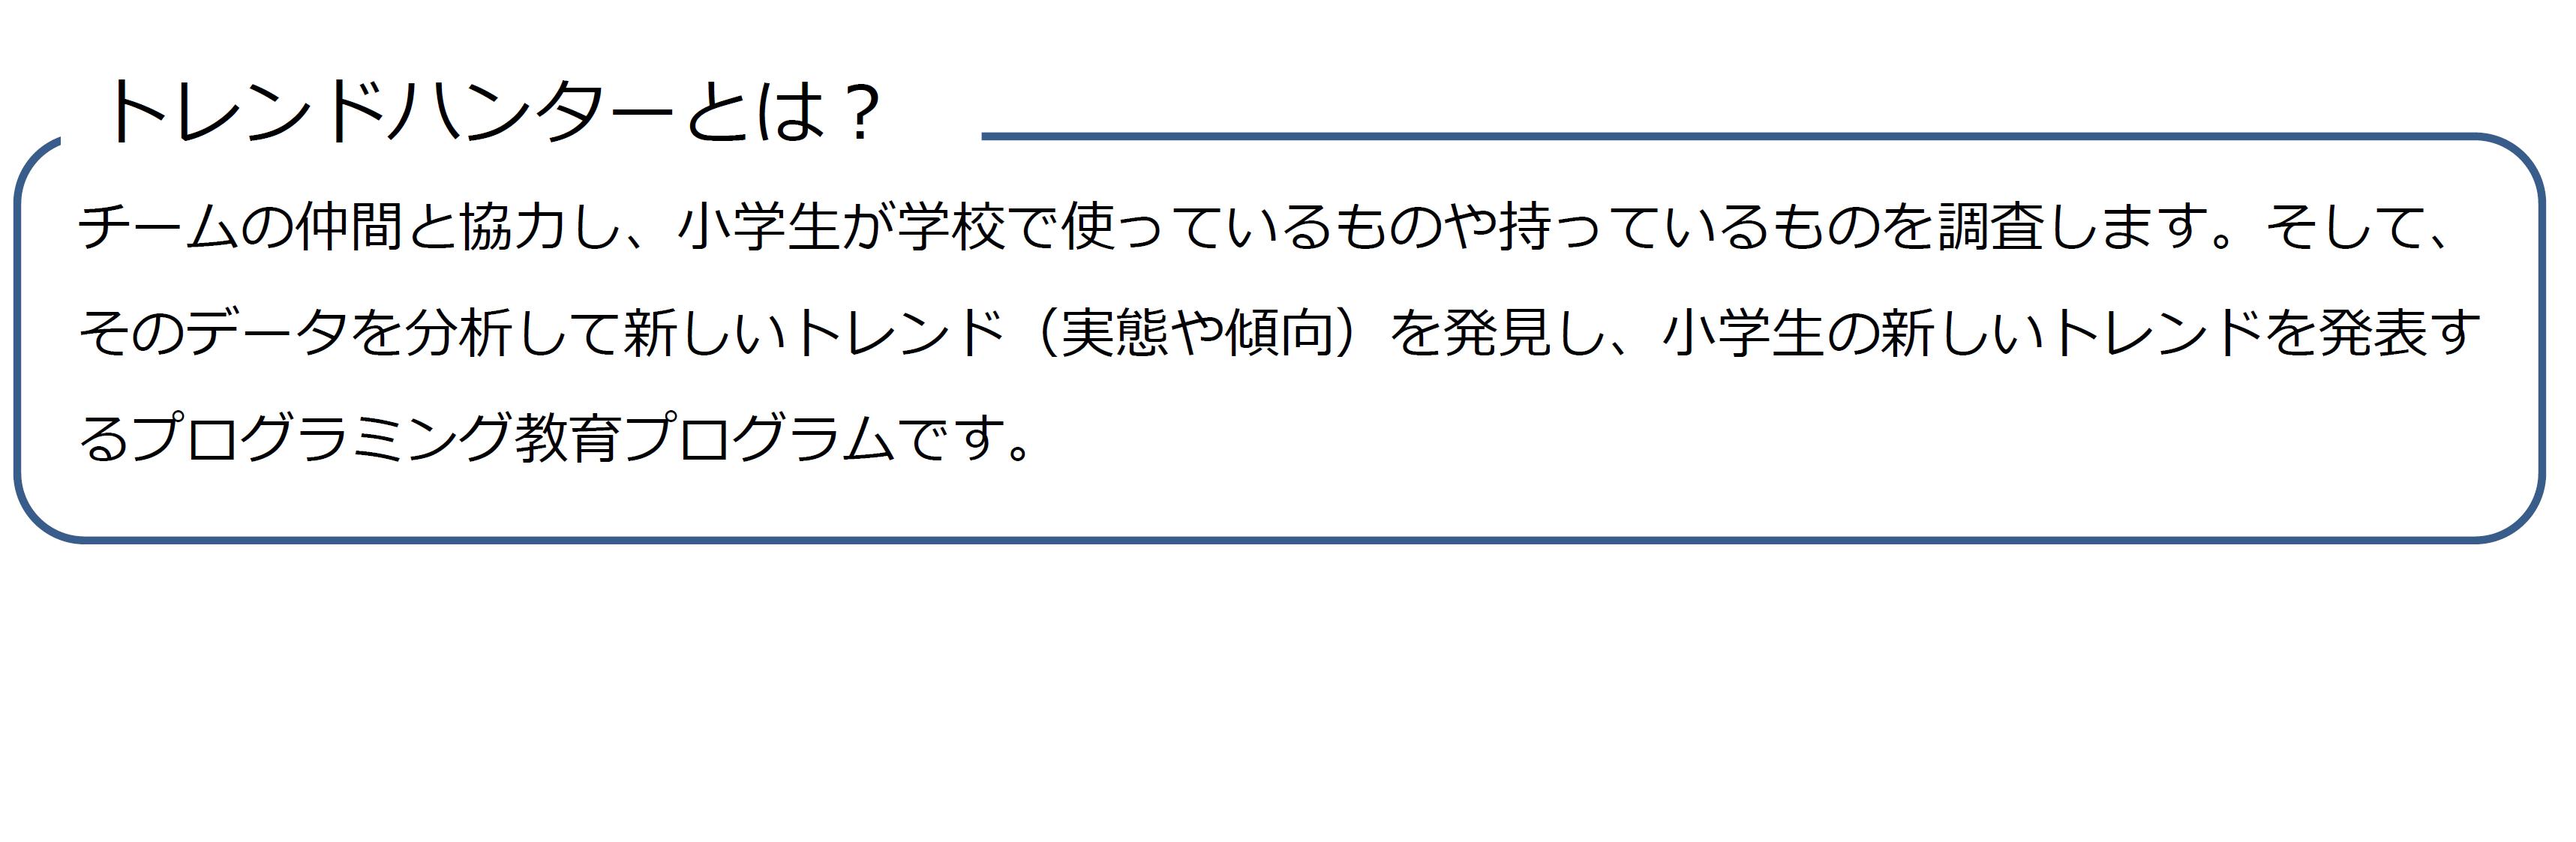 ②トレンドハンター説明.png